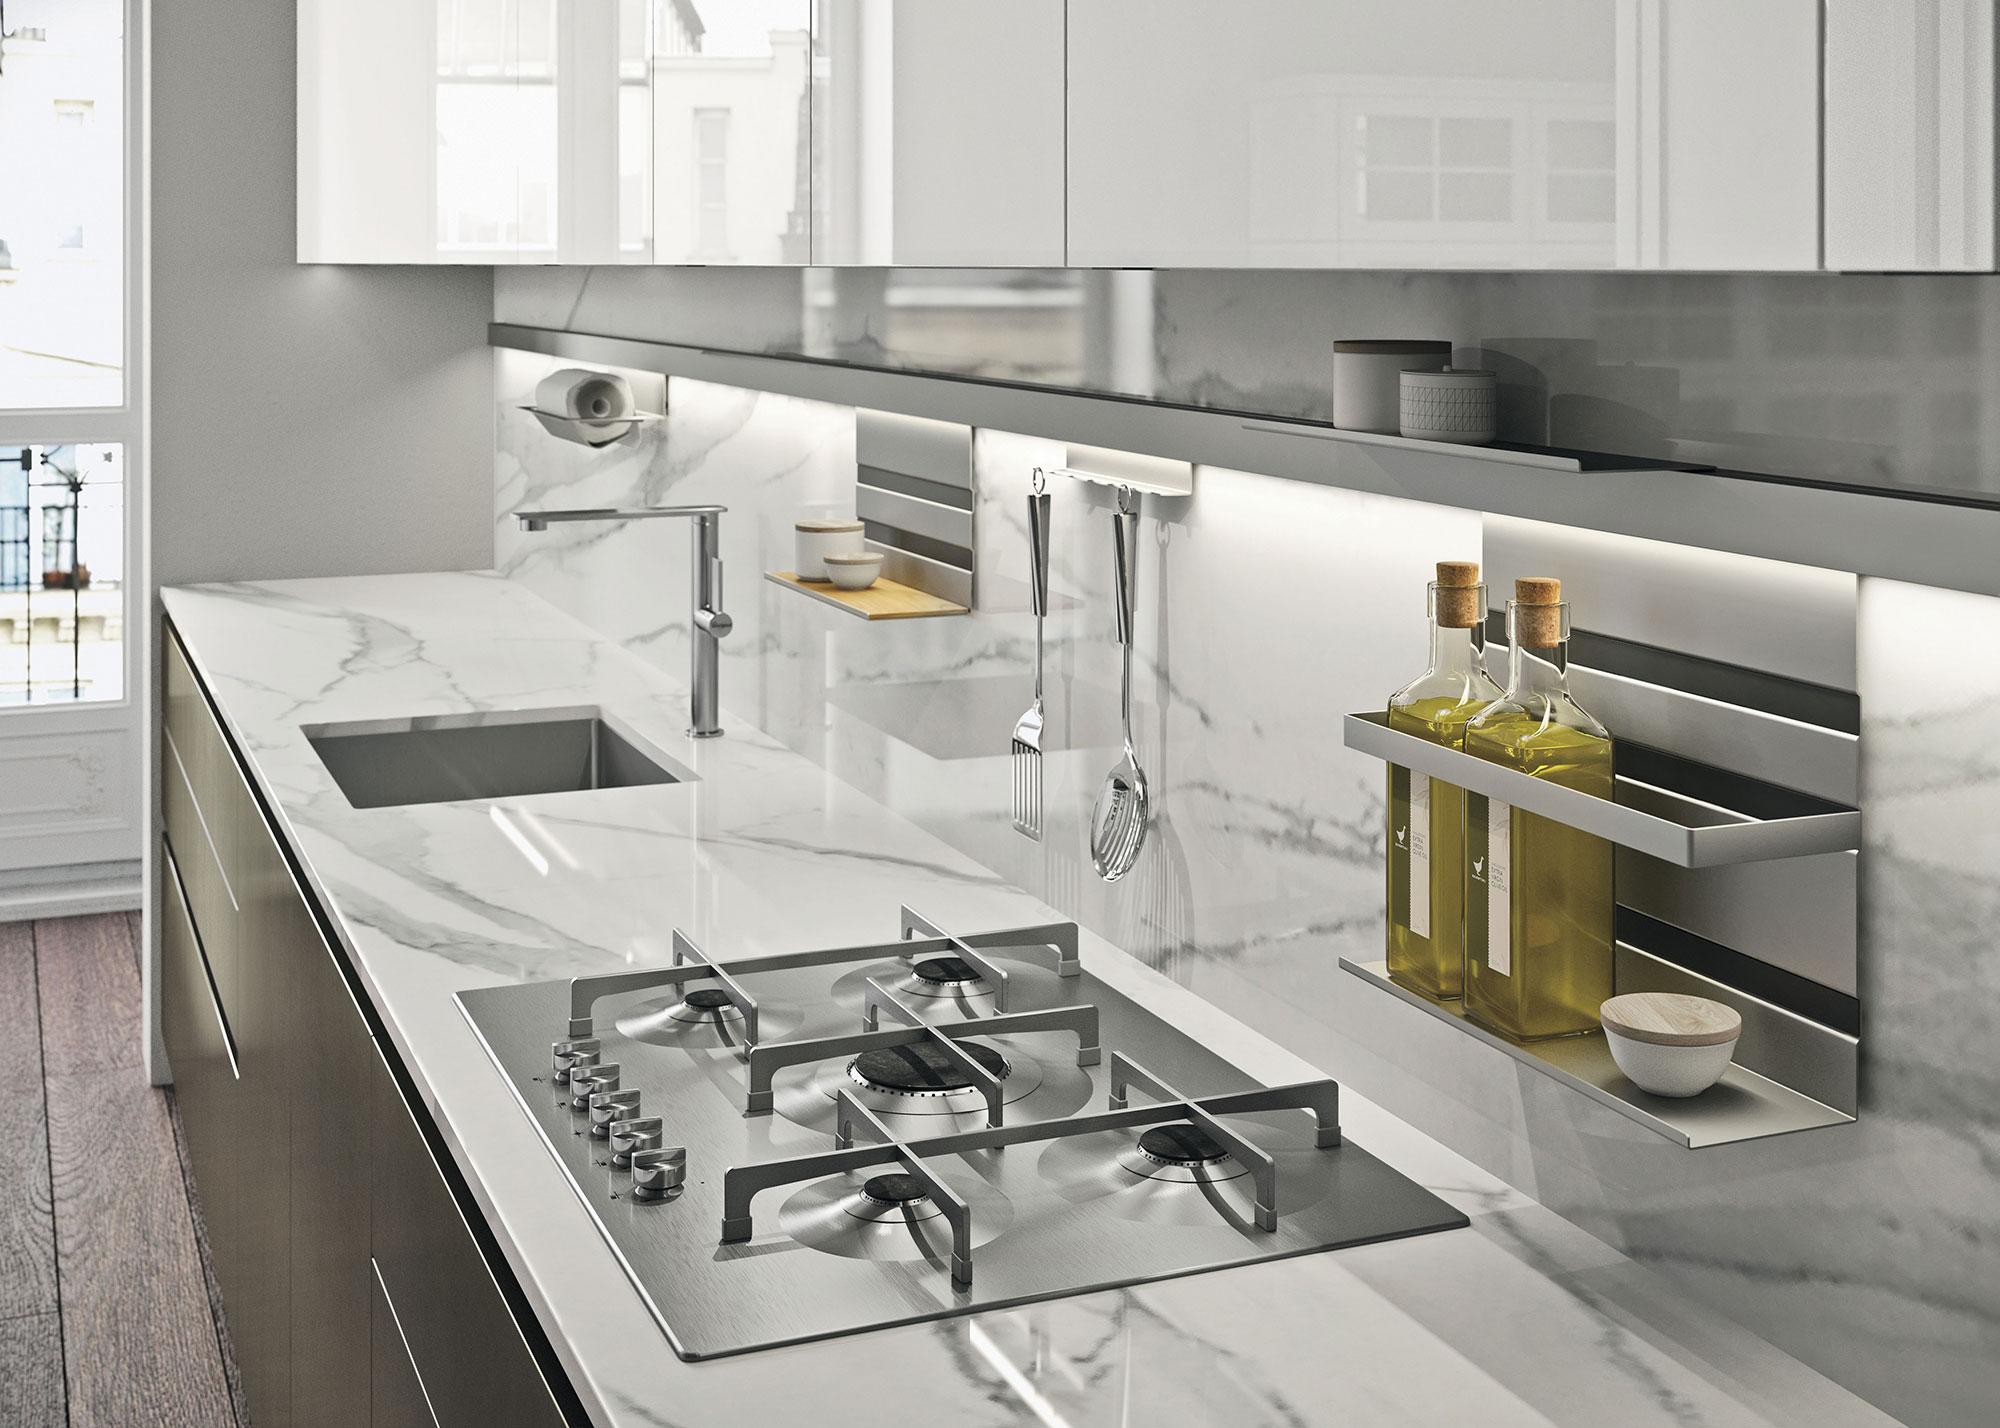 cucine-componibili-moderne-look-snaidero-dettaglio-2